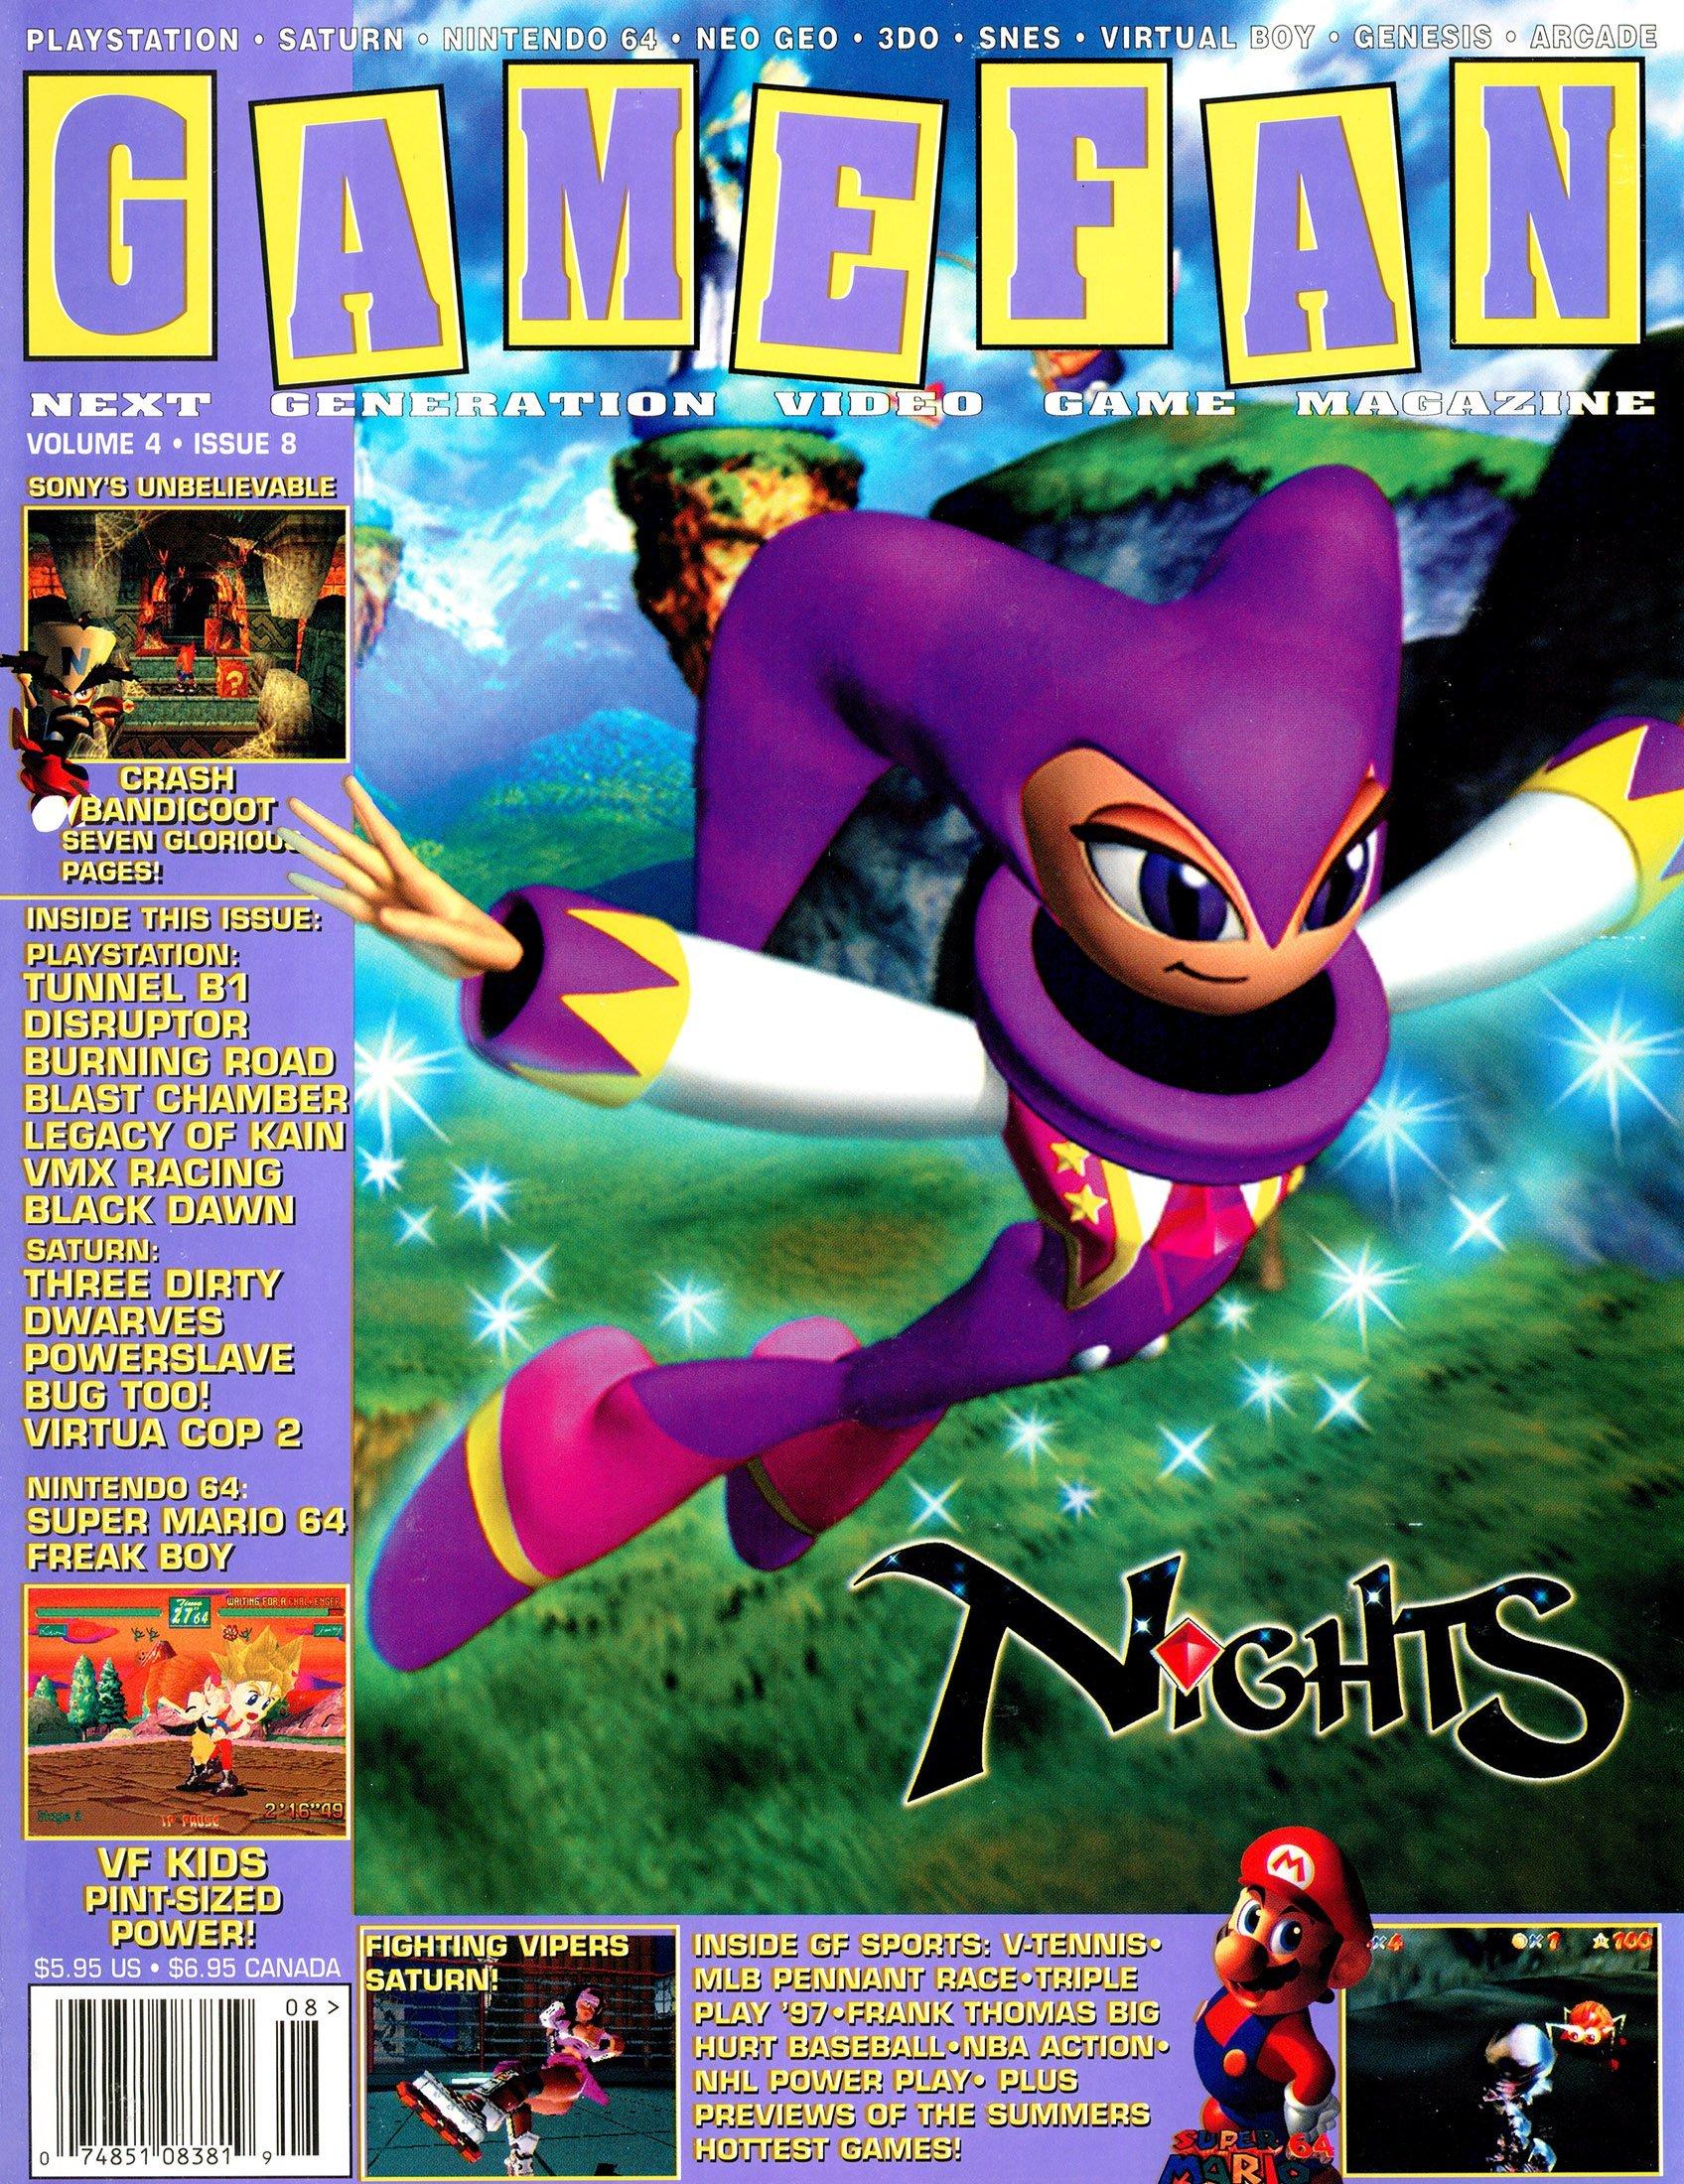 Gamefan Issue 44 August 1996 (Volume 4 Issue 8)